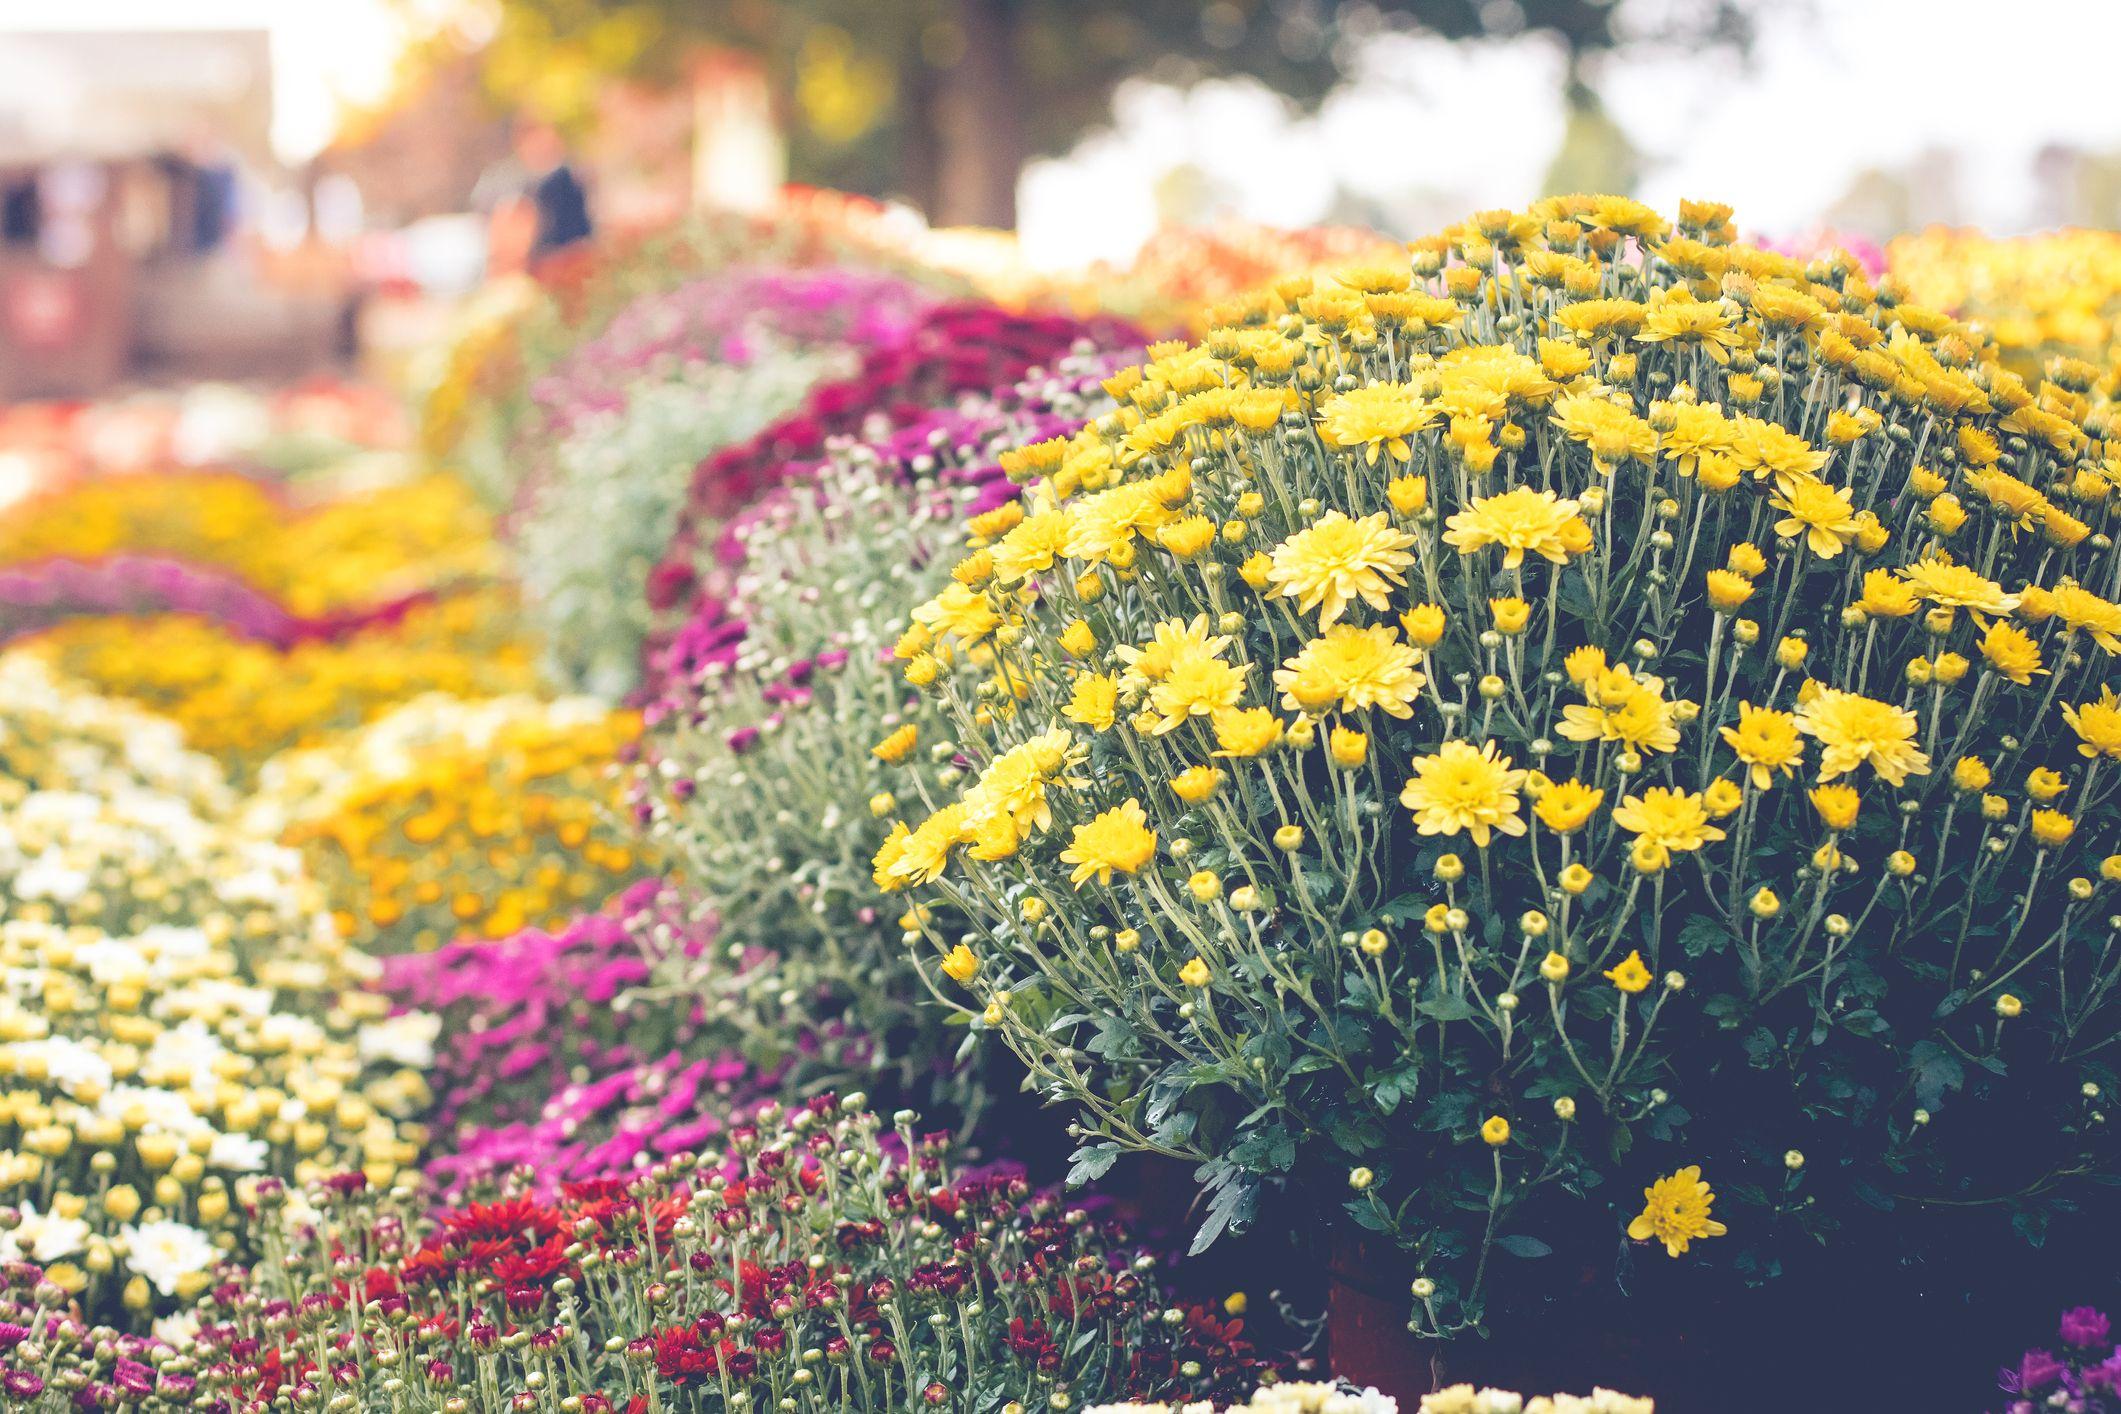 25 fall flowers to plant - pretty fall flowering perennials & plants